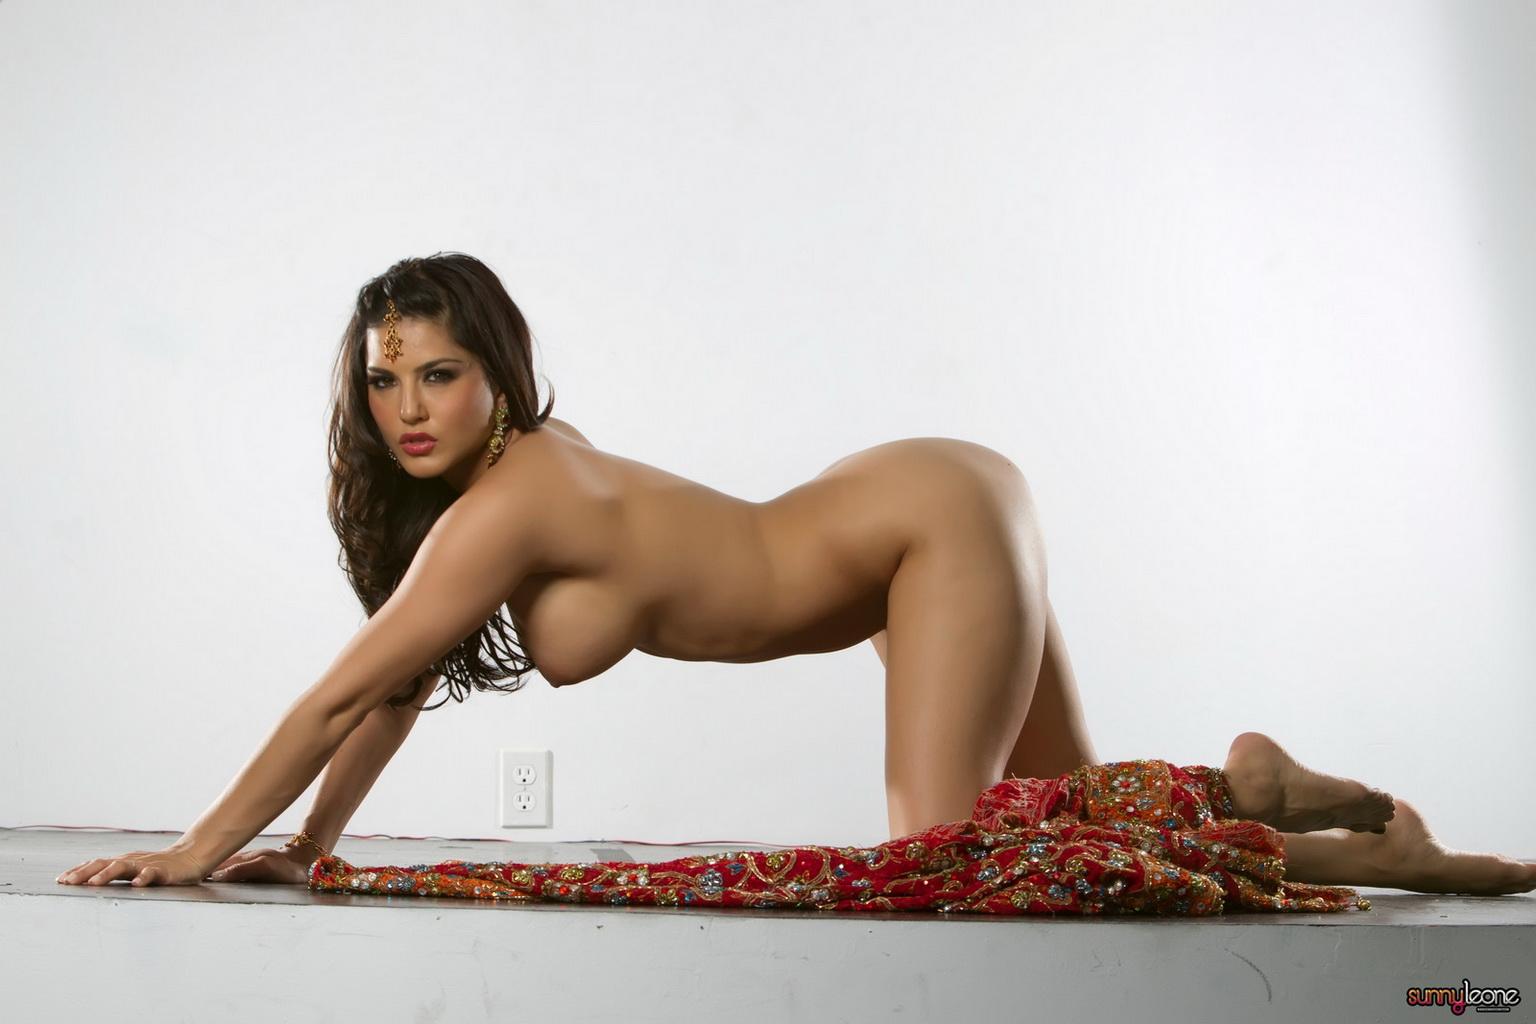 Black dicknude sex images erotic ameteur girl